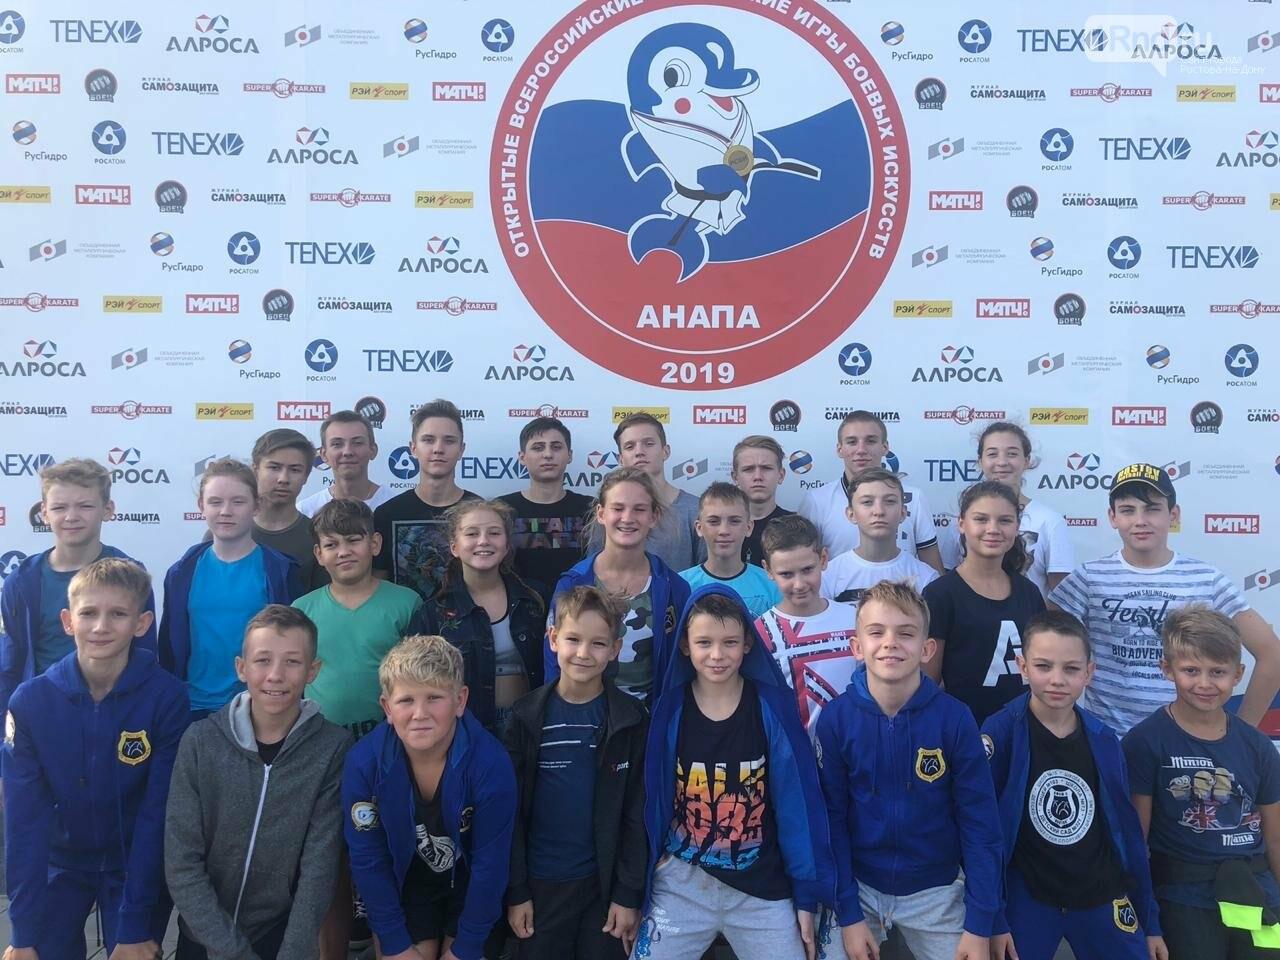 Юные каратисты из Ростовской области заняли восемь первых мест на всероссийских соревнованиях, фото-2